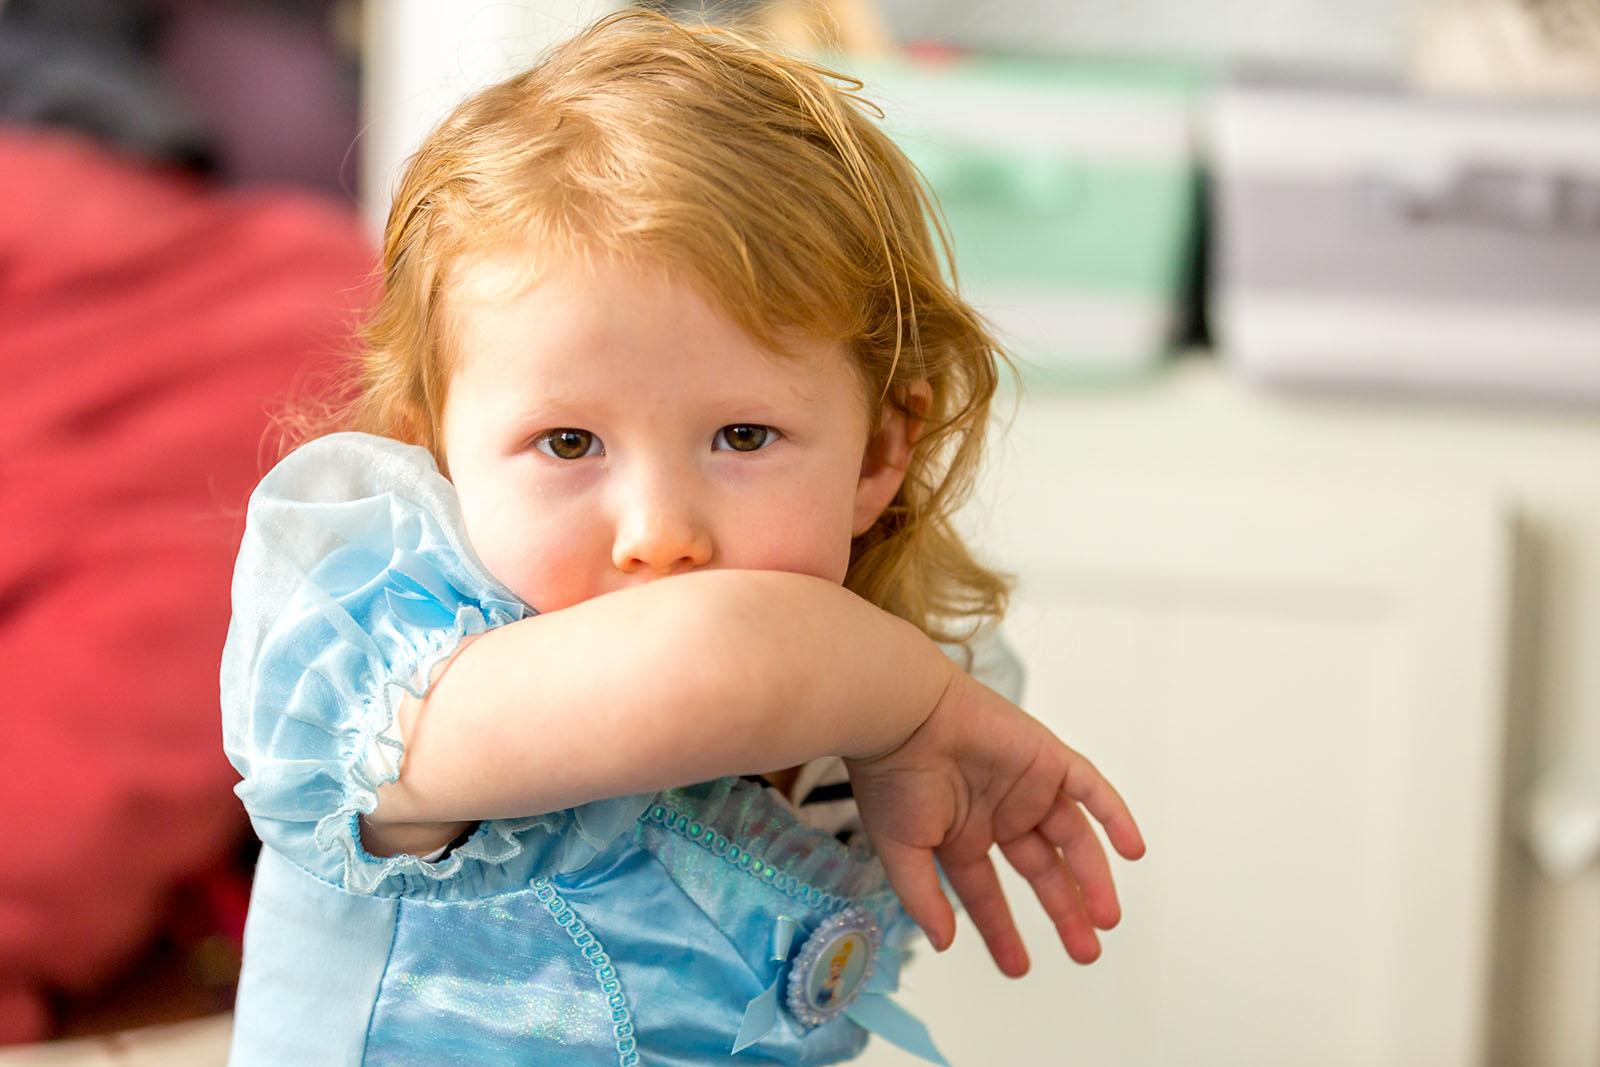 Un niño pequeño tosiendo en su brazo.